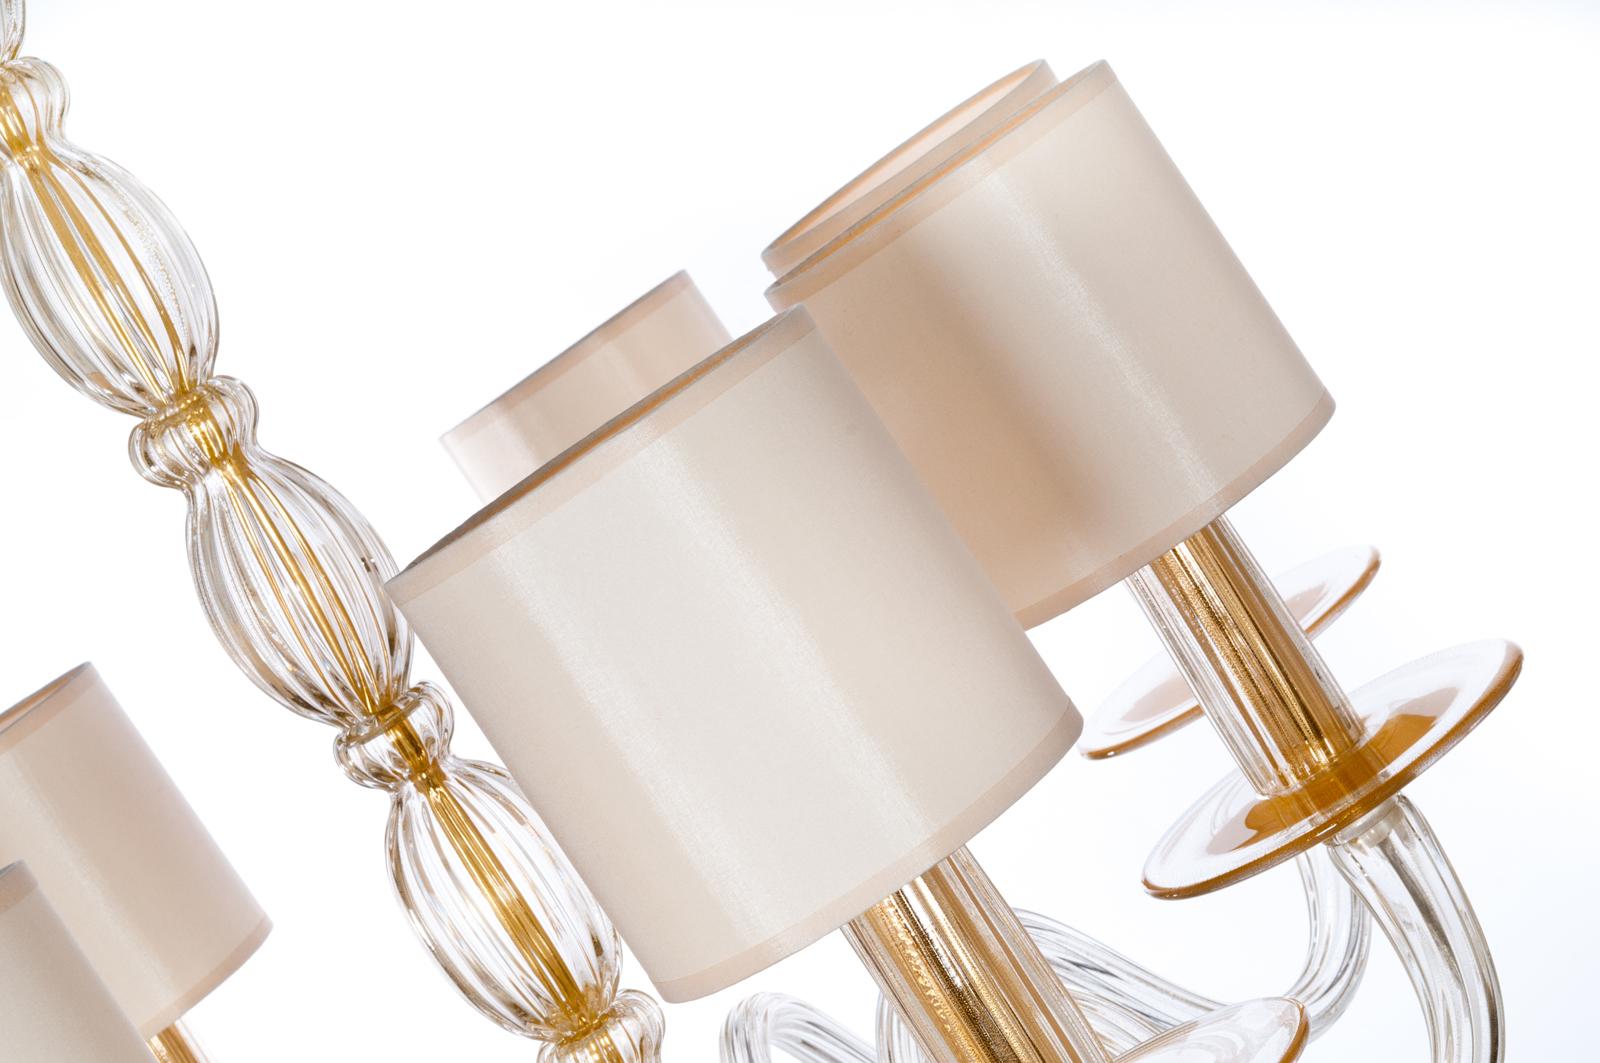 olympia-lustre-chandelier-veronese-7.jpg